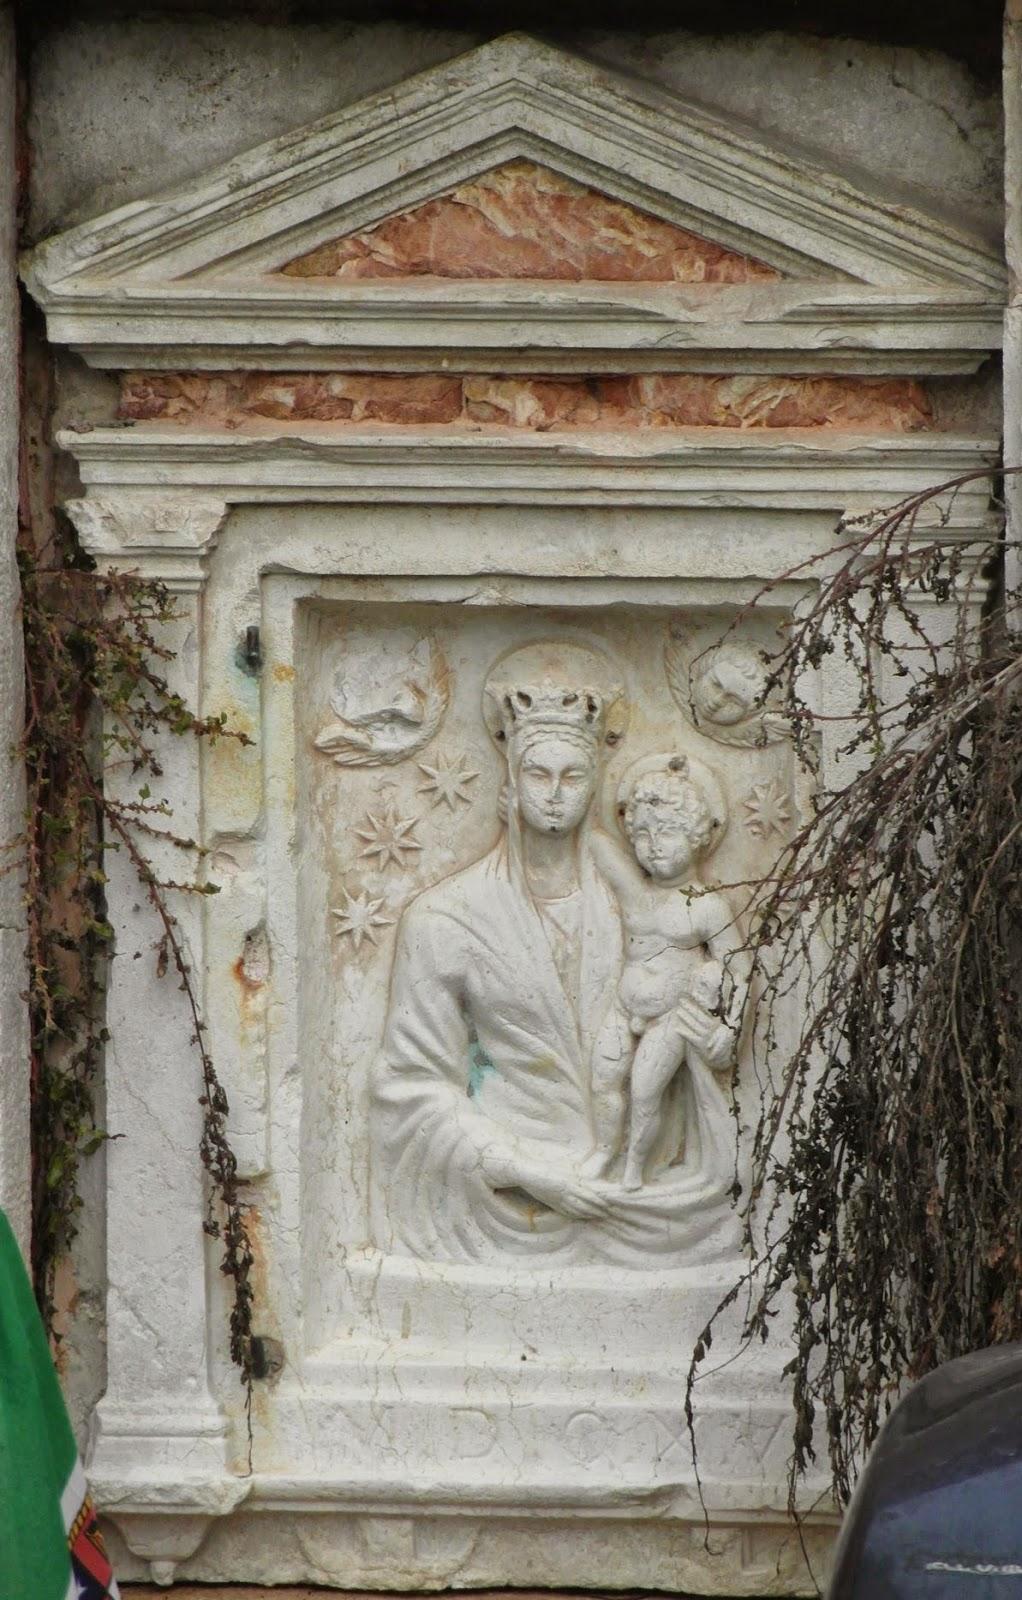 Relief of the Virgin and Child, Ponte del Cavallo, Venice